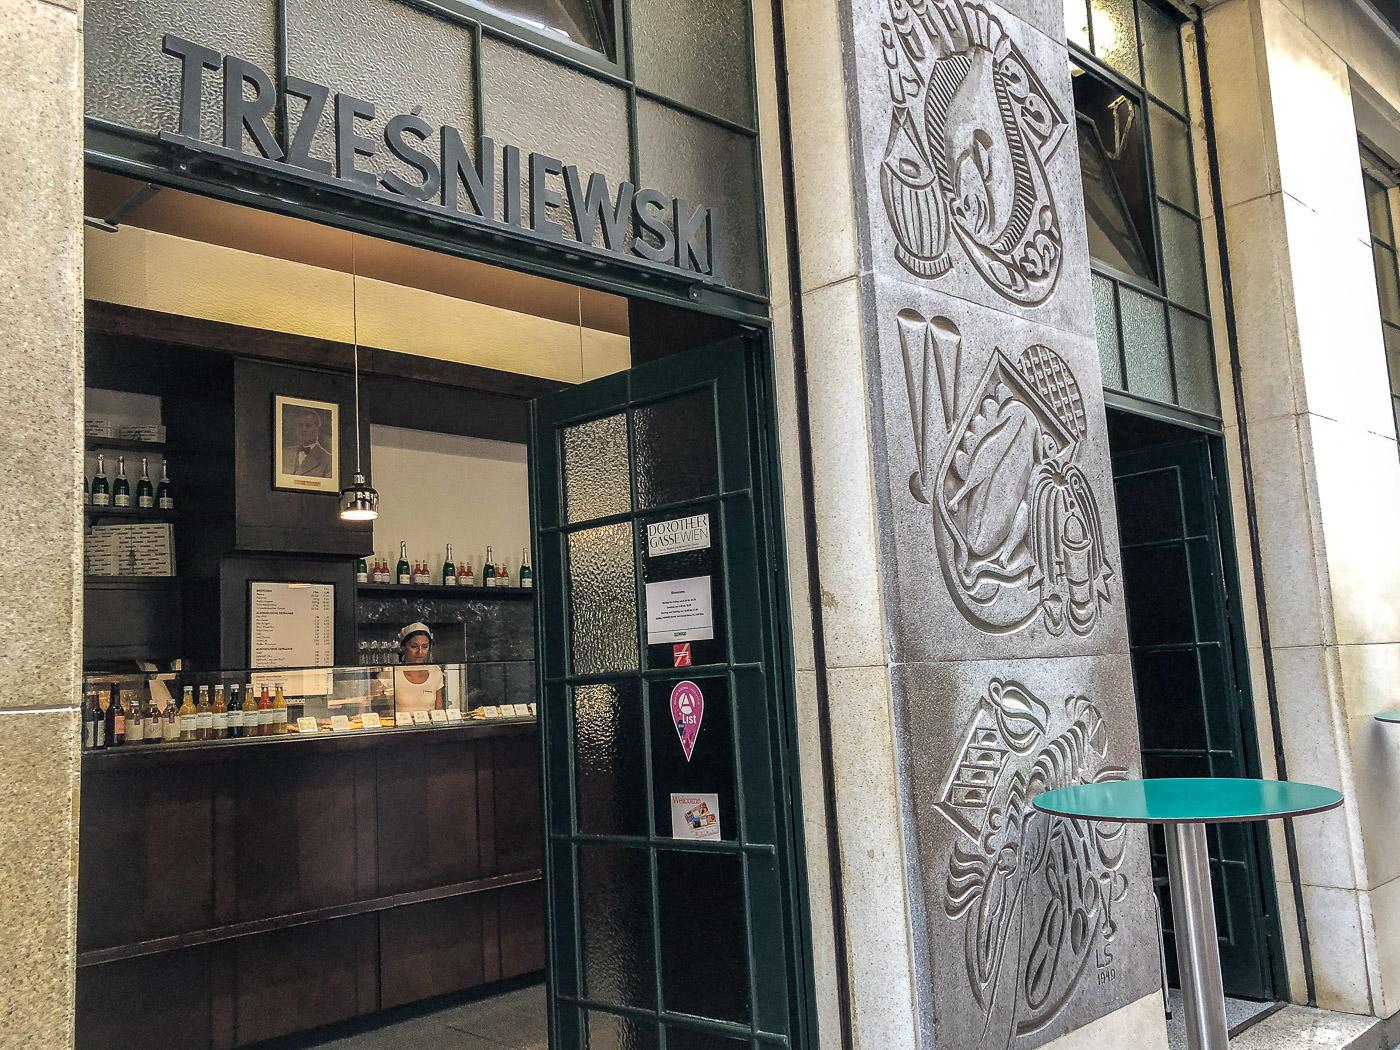 Trzesniewski snack bread restaurant Vienna Austria